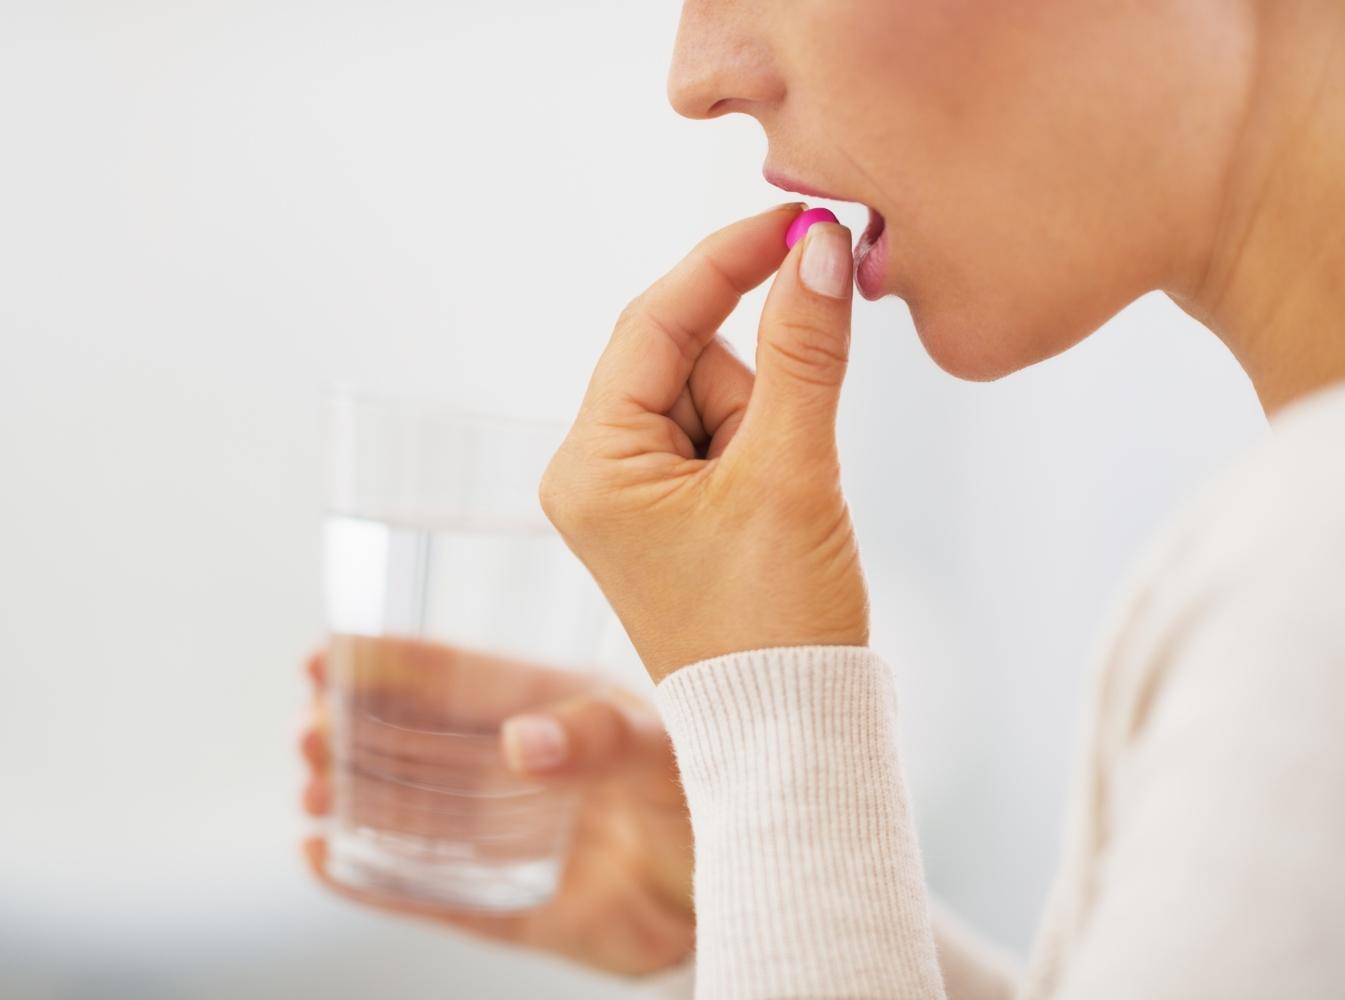 moderação na toma de antibióticos